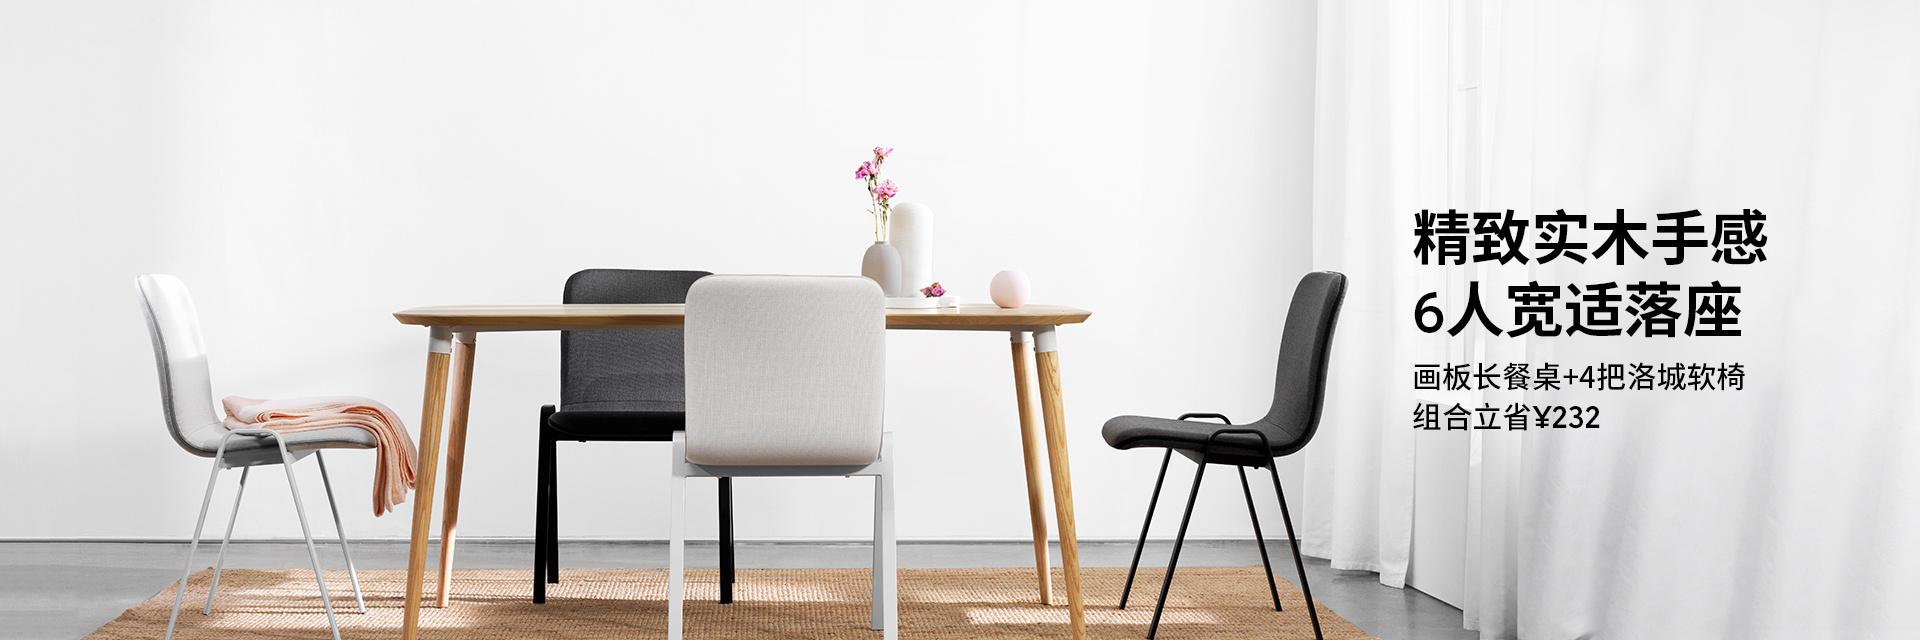 画板长餐桌+4把洛城软椅 组合立省¥232